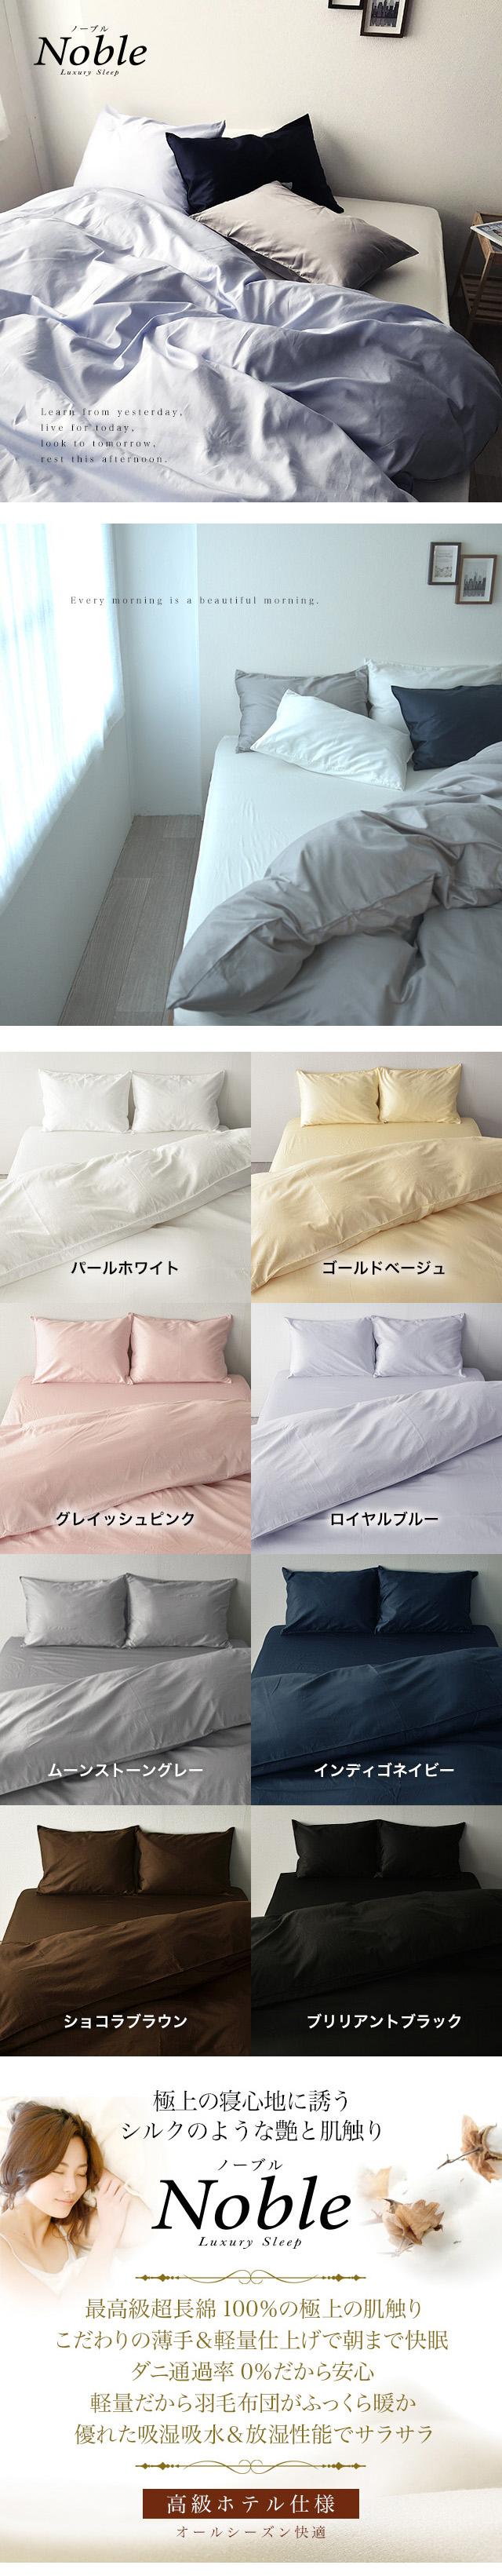 超高密度織りスレッドカウント330本枕カバー